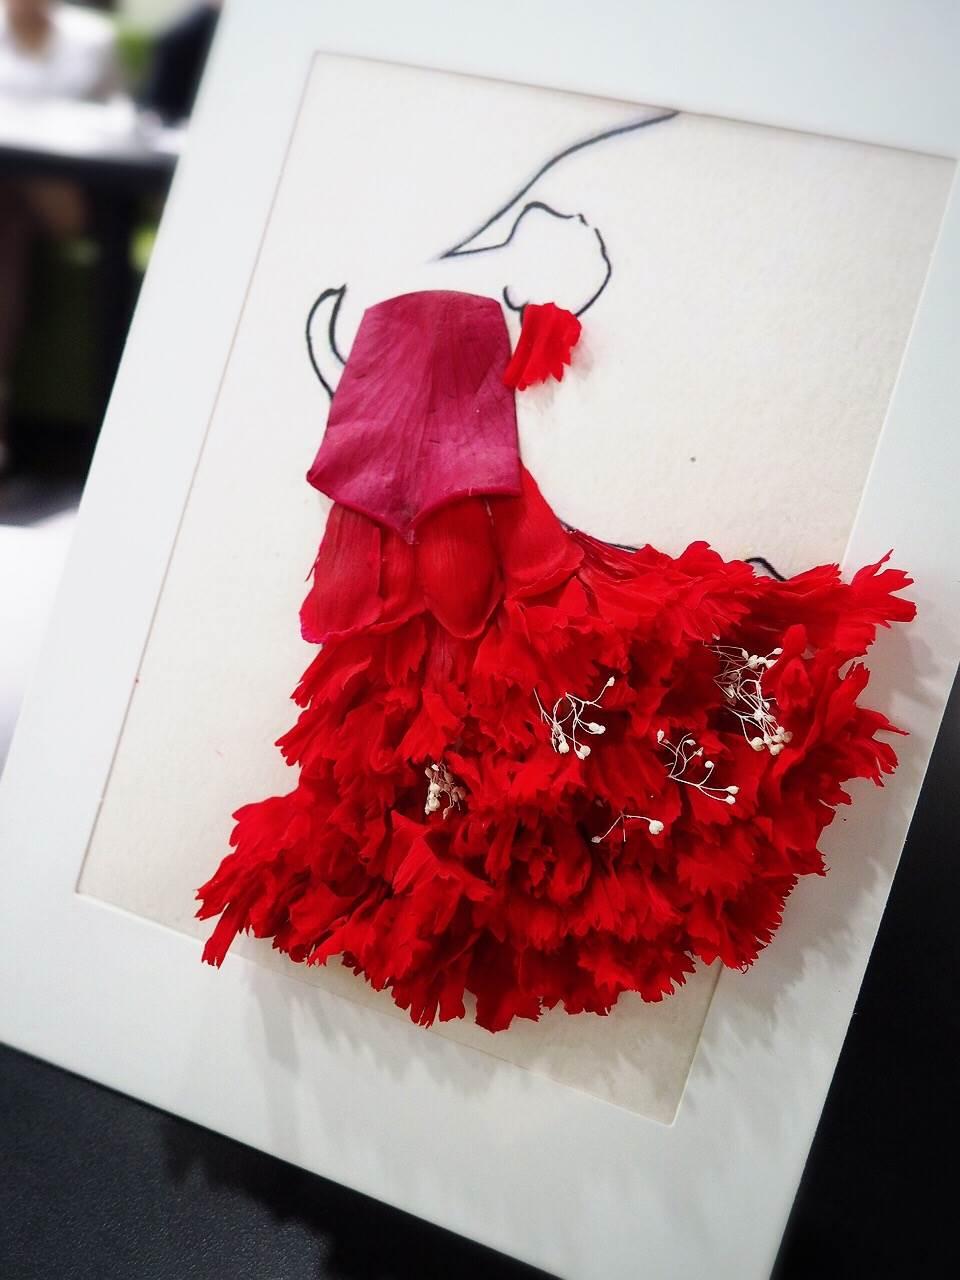 永生花贴画-今年夏天,请送我一条花花的裙 精彩城市生活,尽在活动行